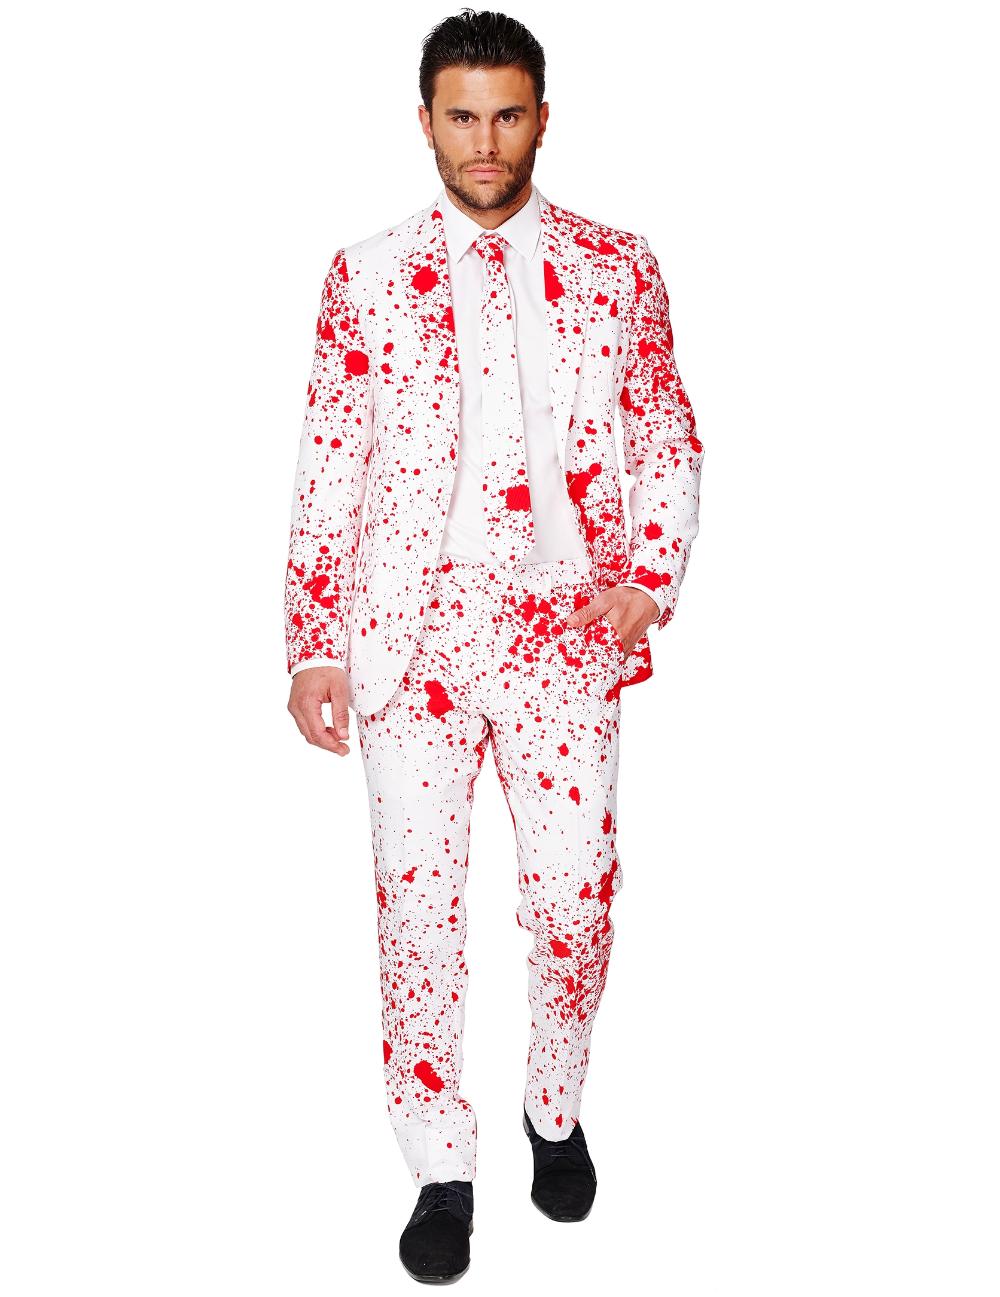 Blutiger Anzug Fur Herren Opposuits Anzug Halloween Weiss Rot Gunstige Halloween Kostume Bei Horrorklinik Anzug Manner Anzug Body Fit